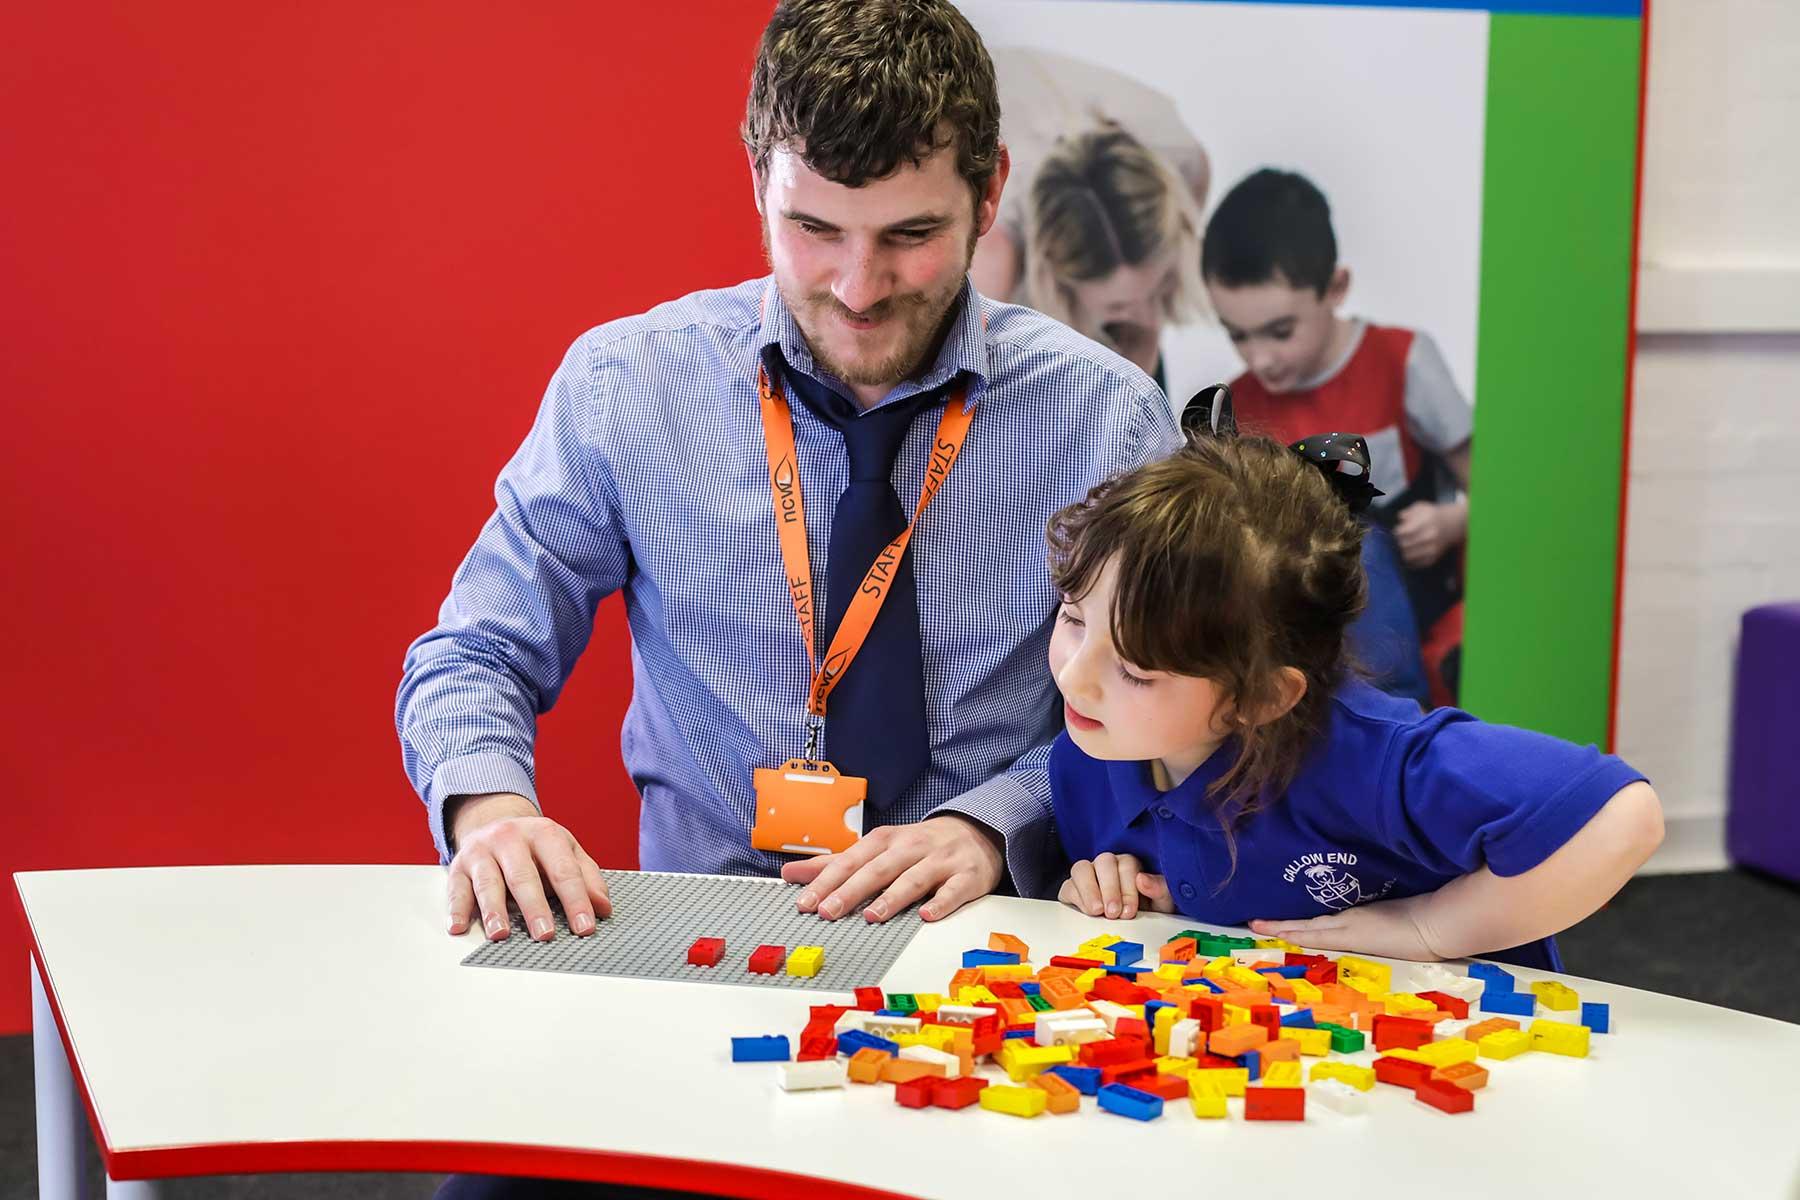 LEGO-Steine mit Blindenschrift LEGO-braille-bricks-sets-blindenschrift_03